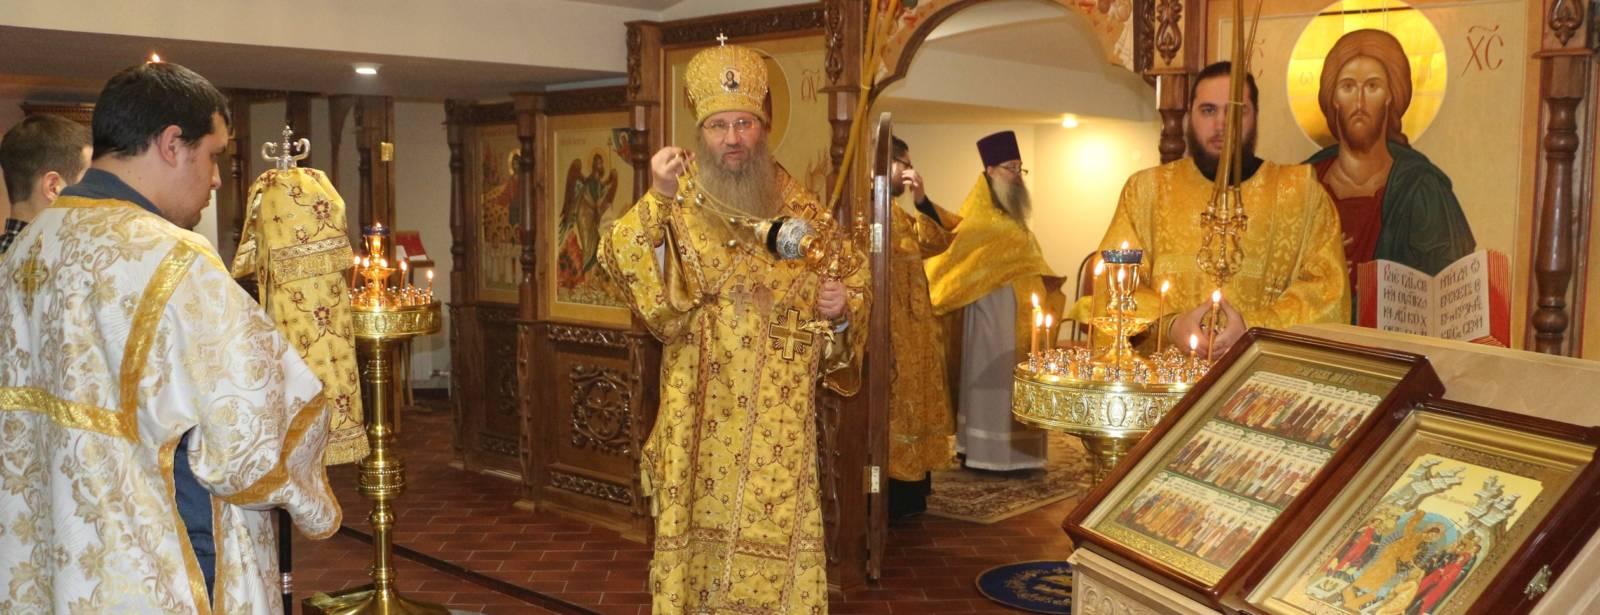 Божественная литургия в храме Феофана Затворника г. Новоаннинского.